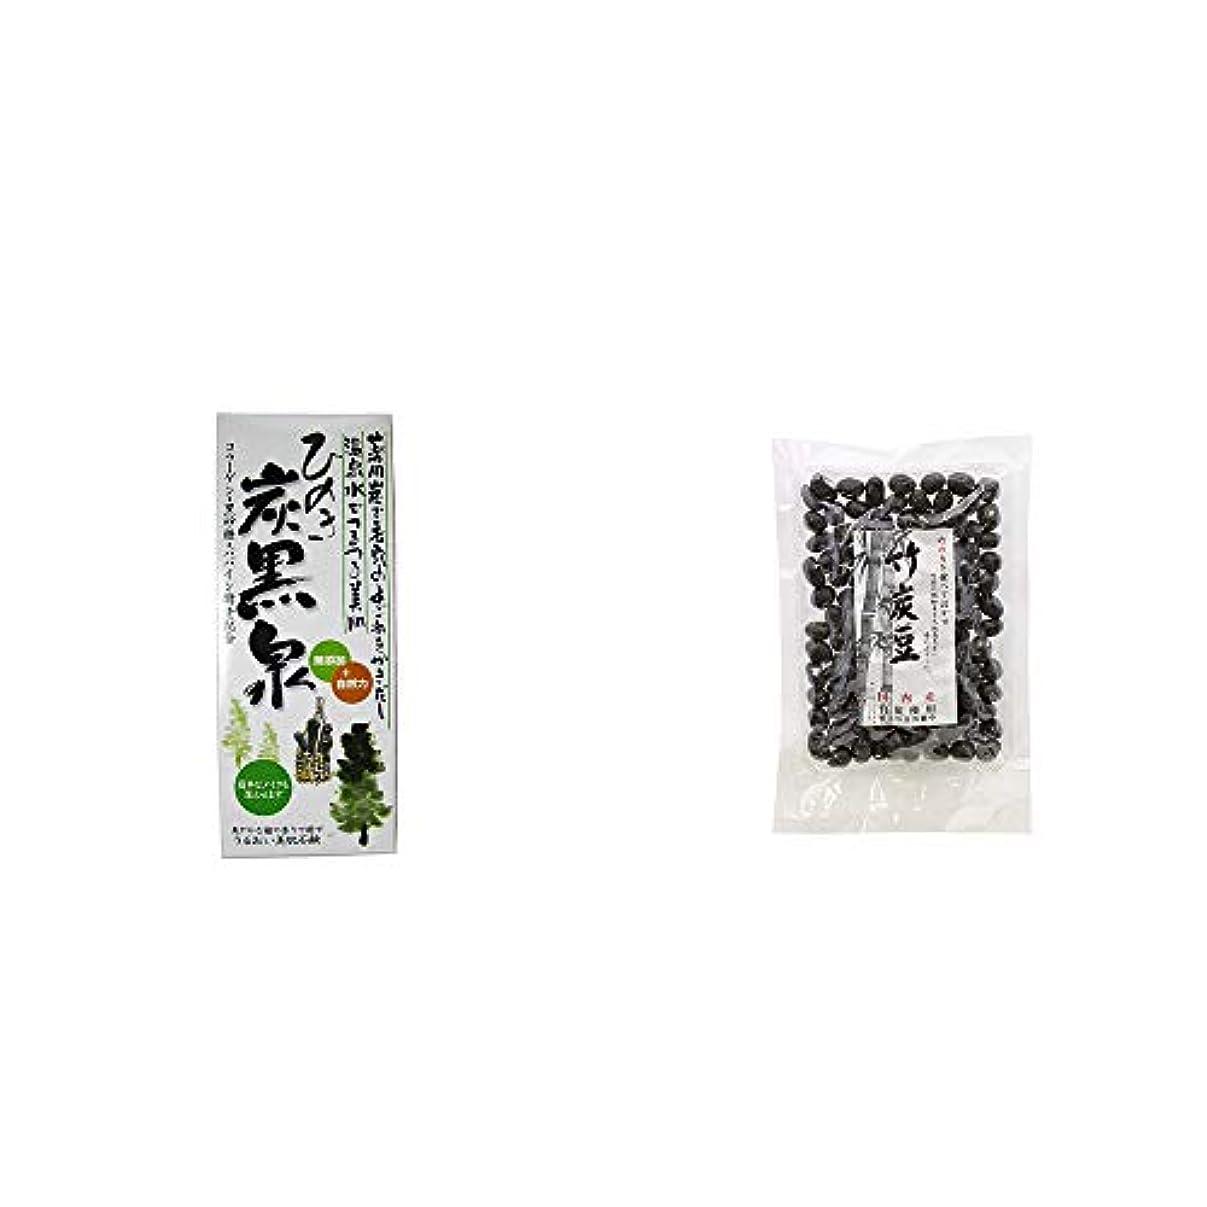 まろやかな有利要旨[2点セット] ひのき炭黒泉 箱入り(75g×3)?国内産 竹炭使用 竹炭豆(160g)